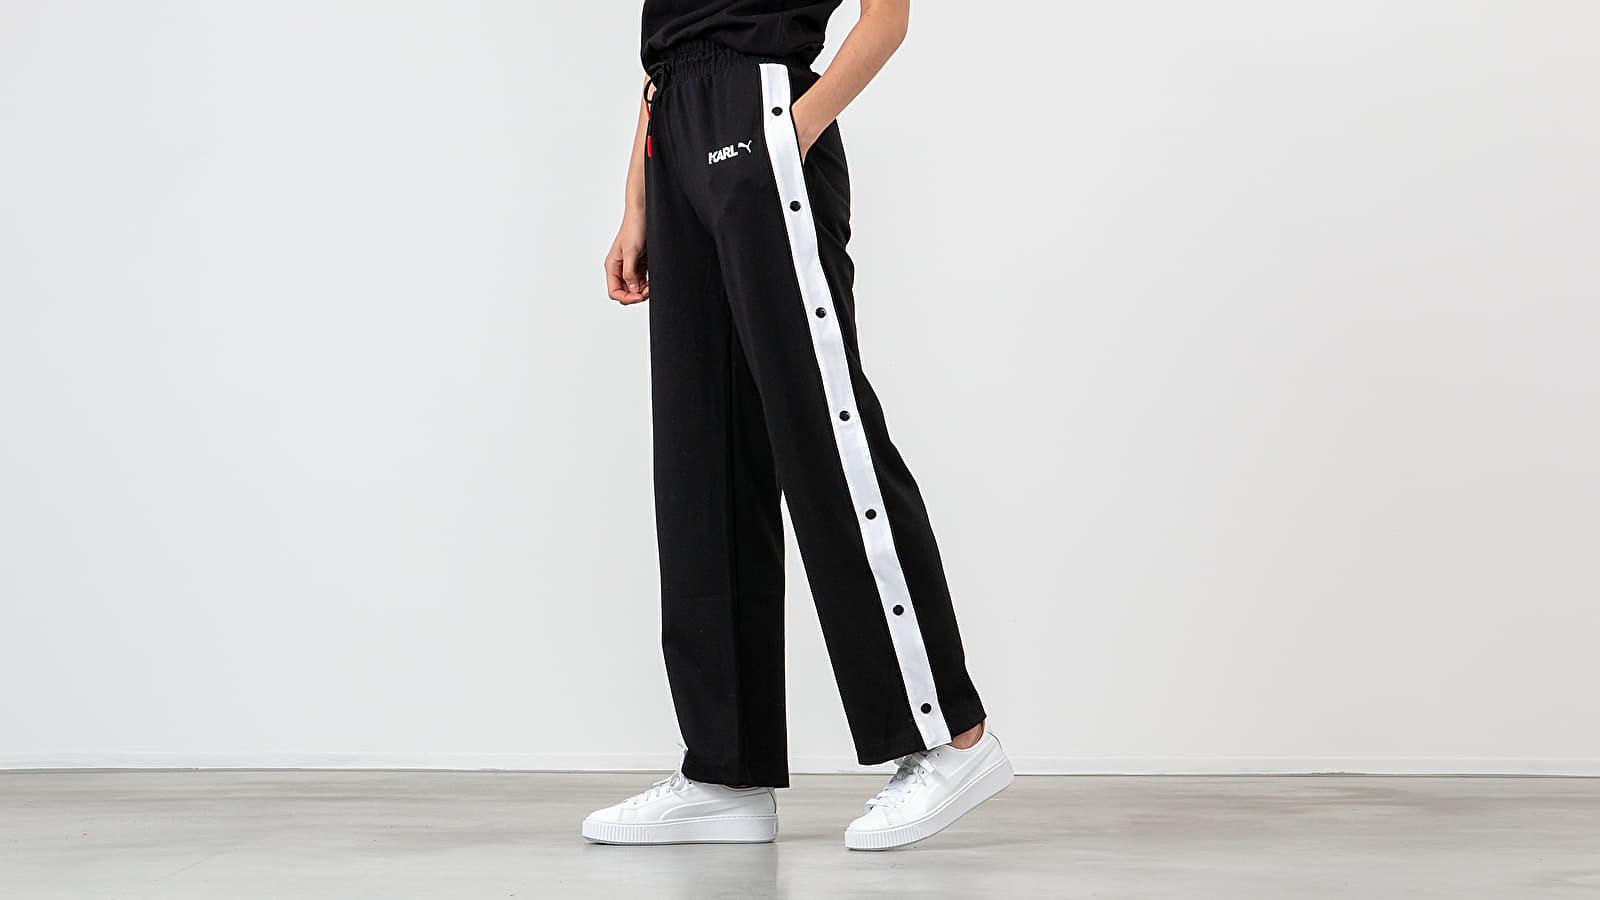 Puma x Karl Lagerfeld Wide Pants